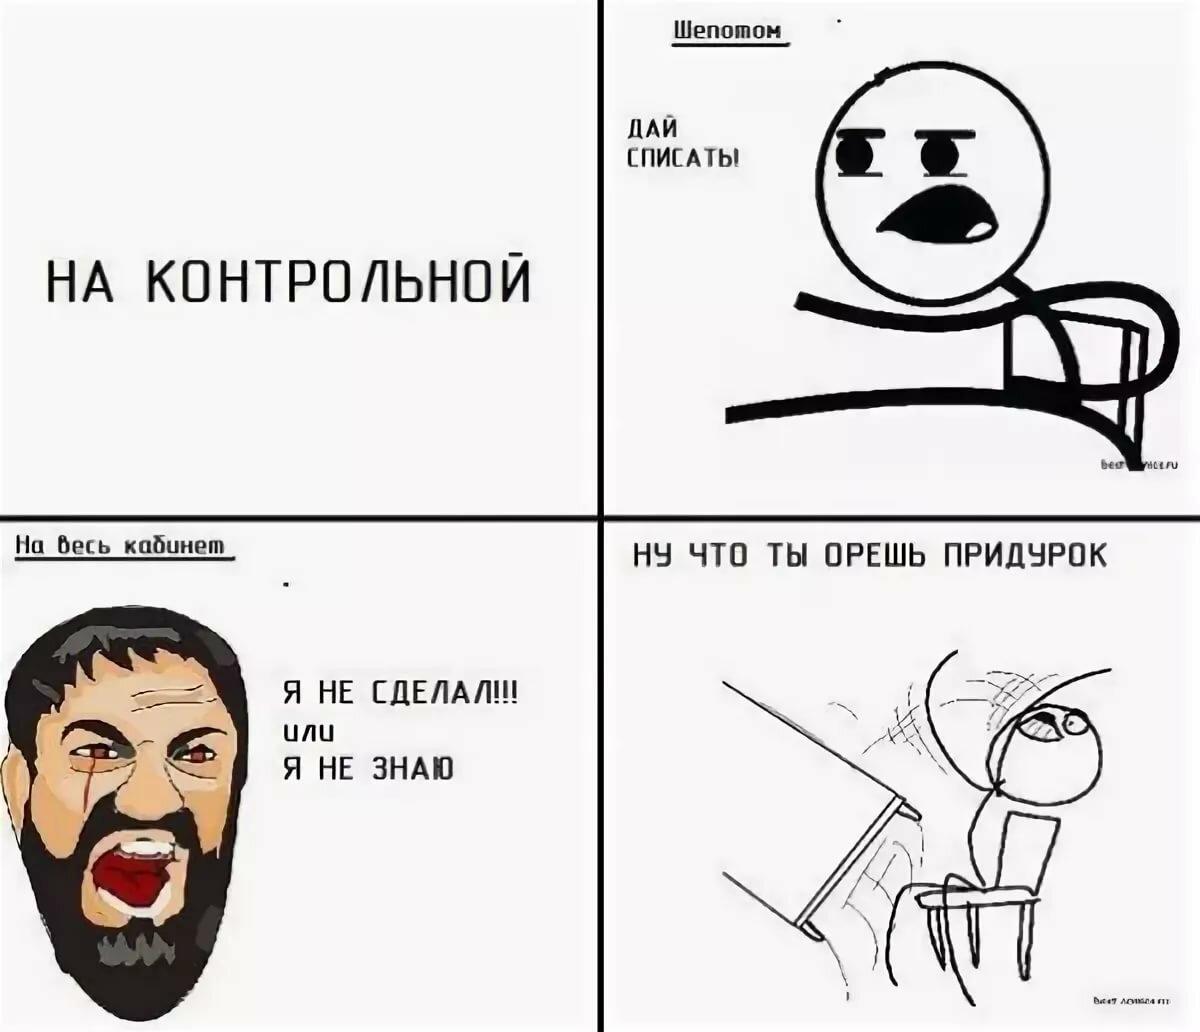 Мужчине спасибо, картинки мемы про школу с надписями